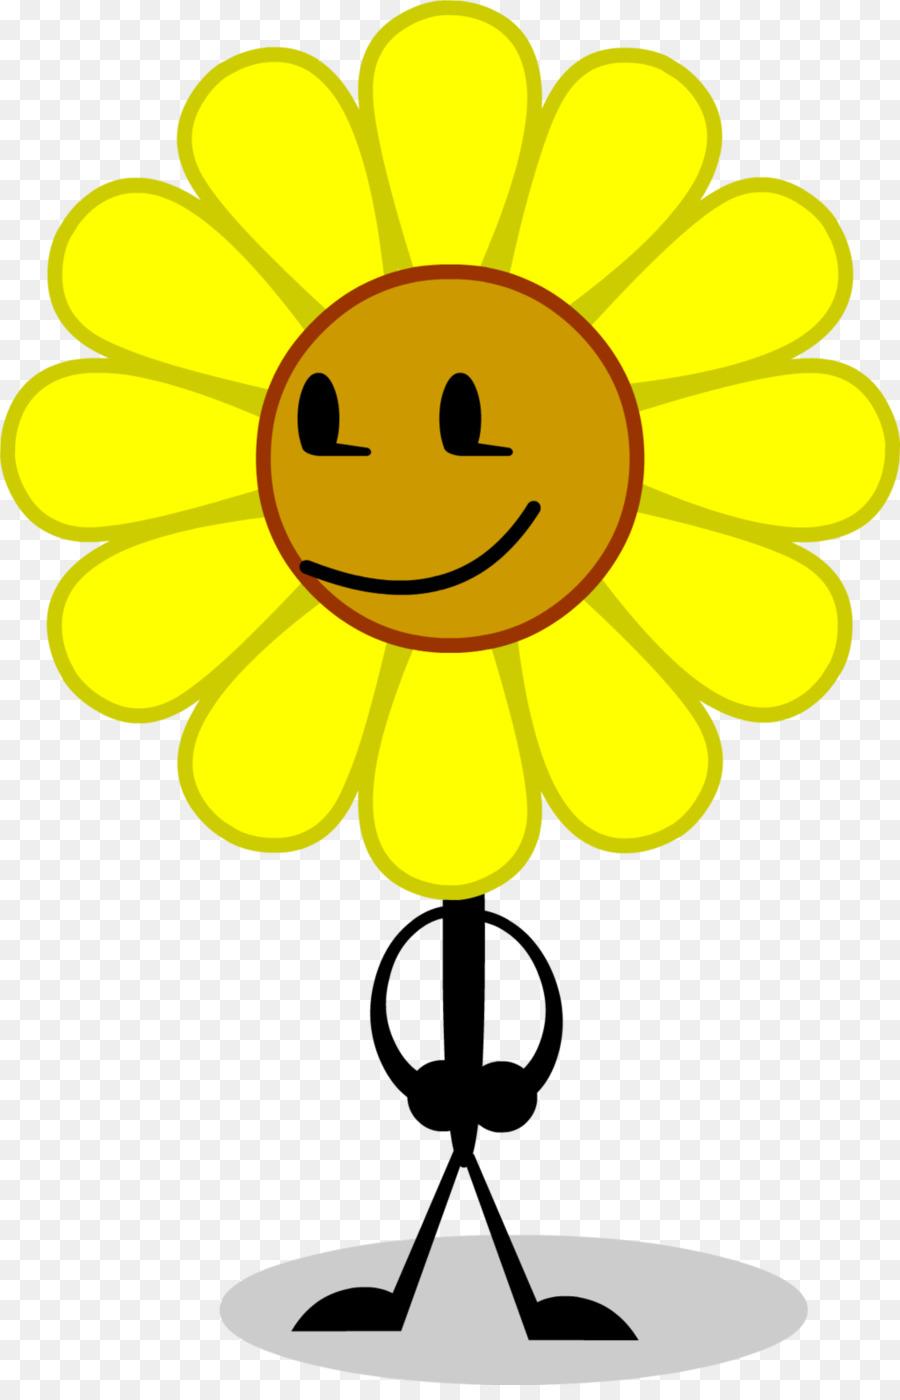 7000+ Gambar Bunga Matahari Versi Kartun  Terbaru